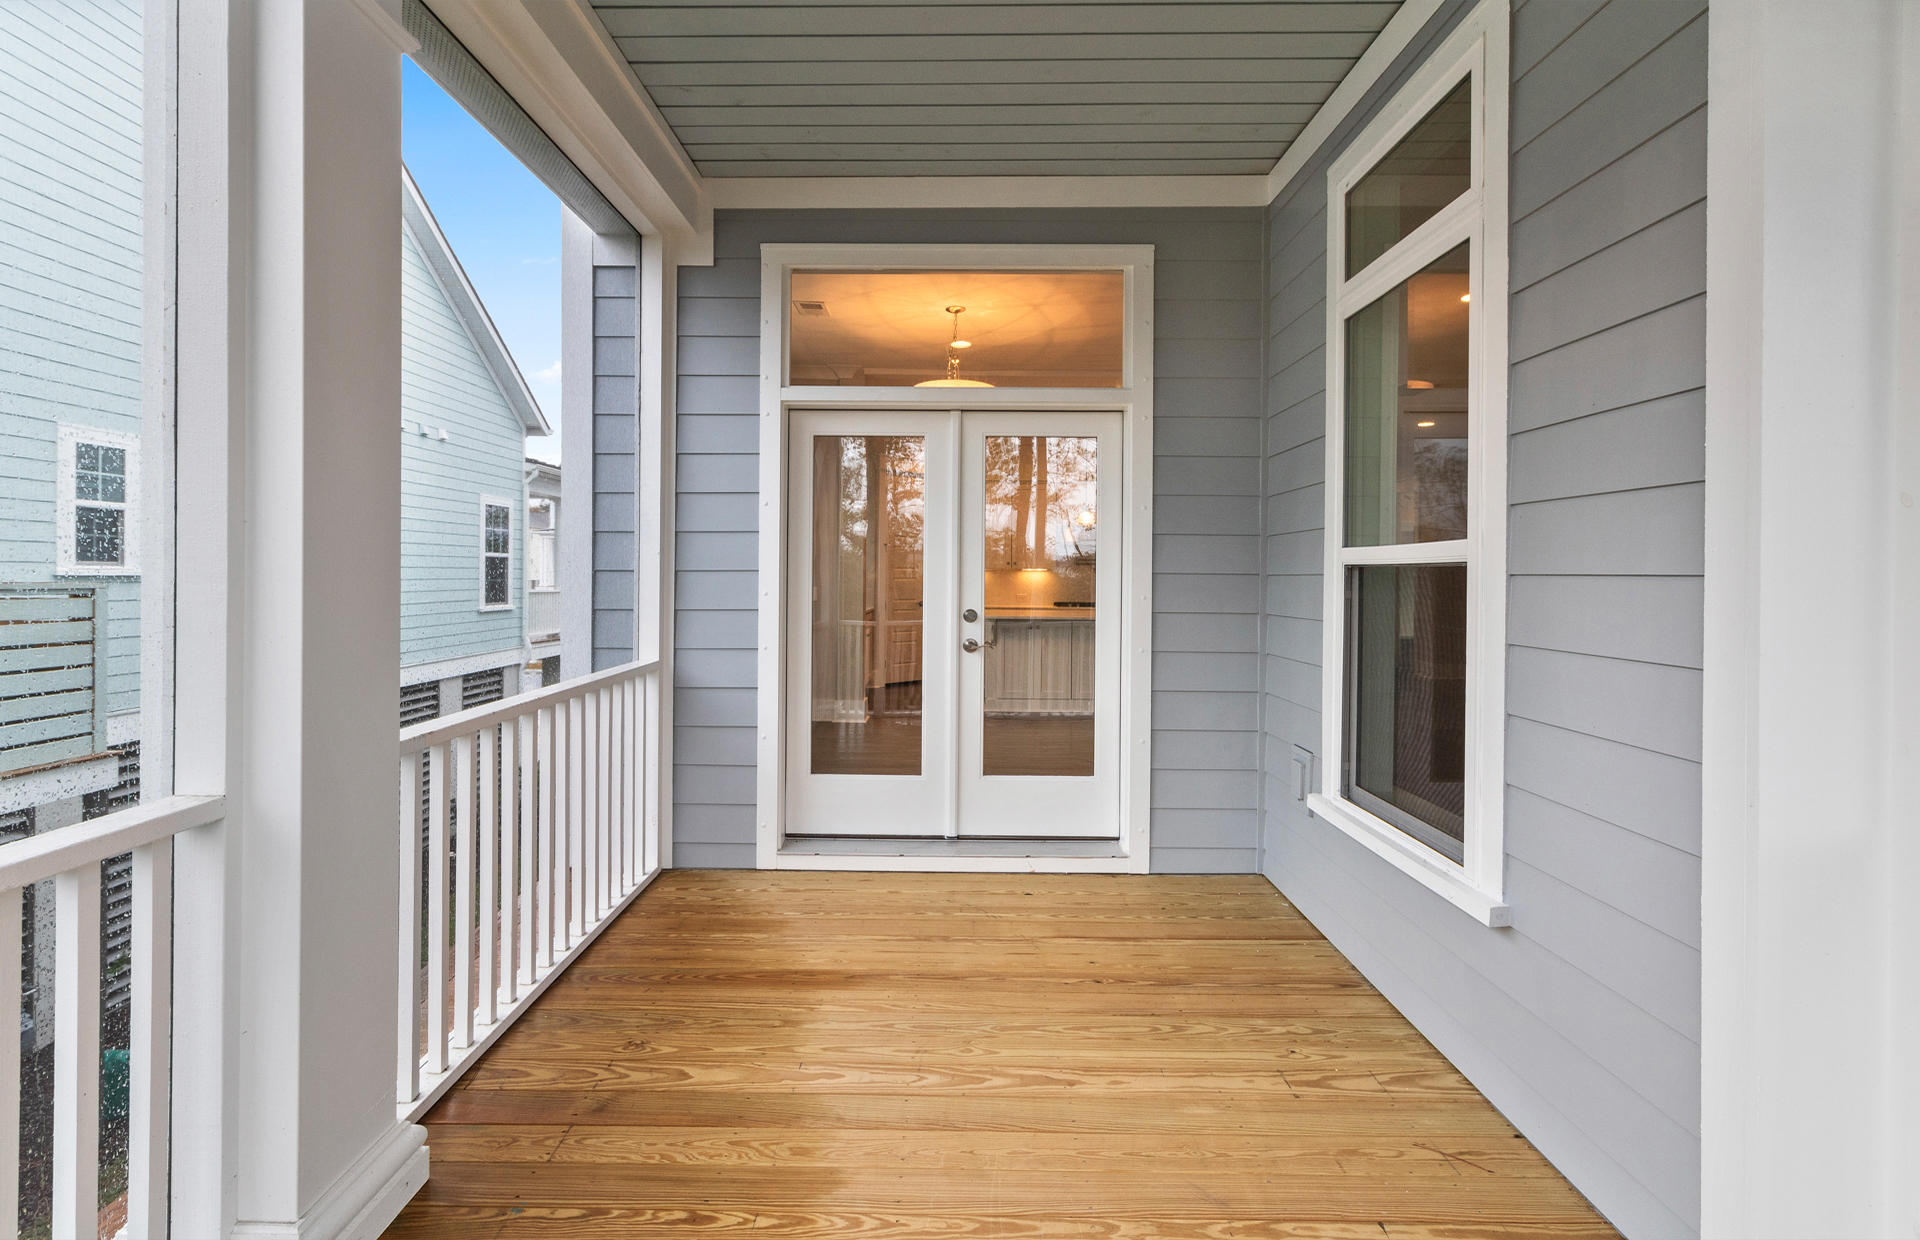 Dunes West Homes For Sale - 2697 Dutchman, Mount Pleasant, SC - 3